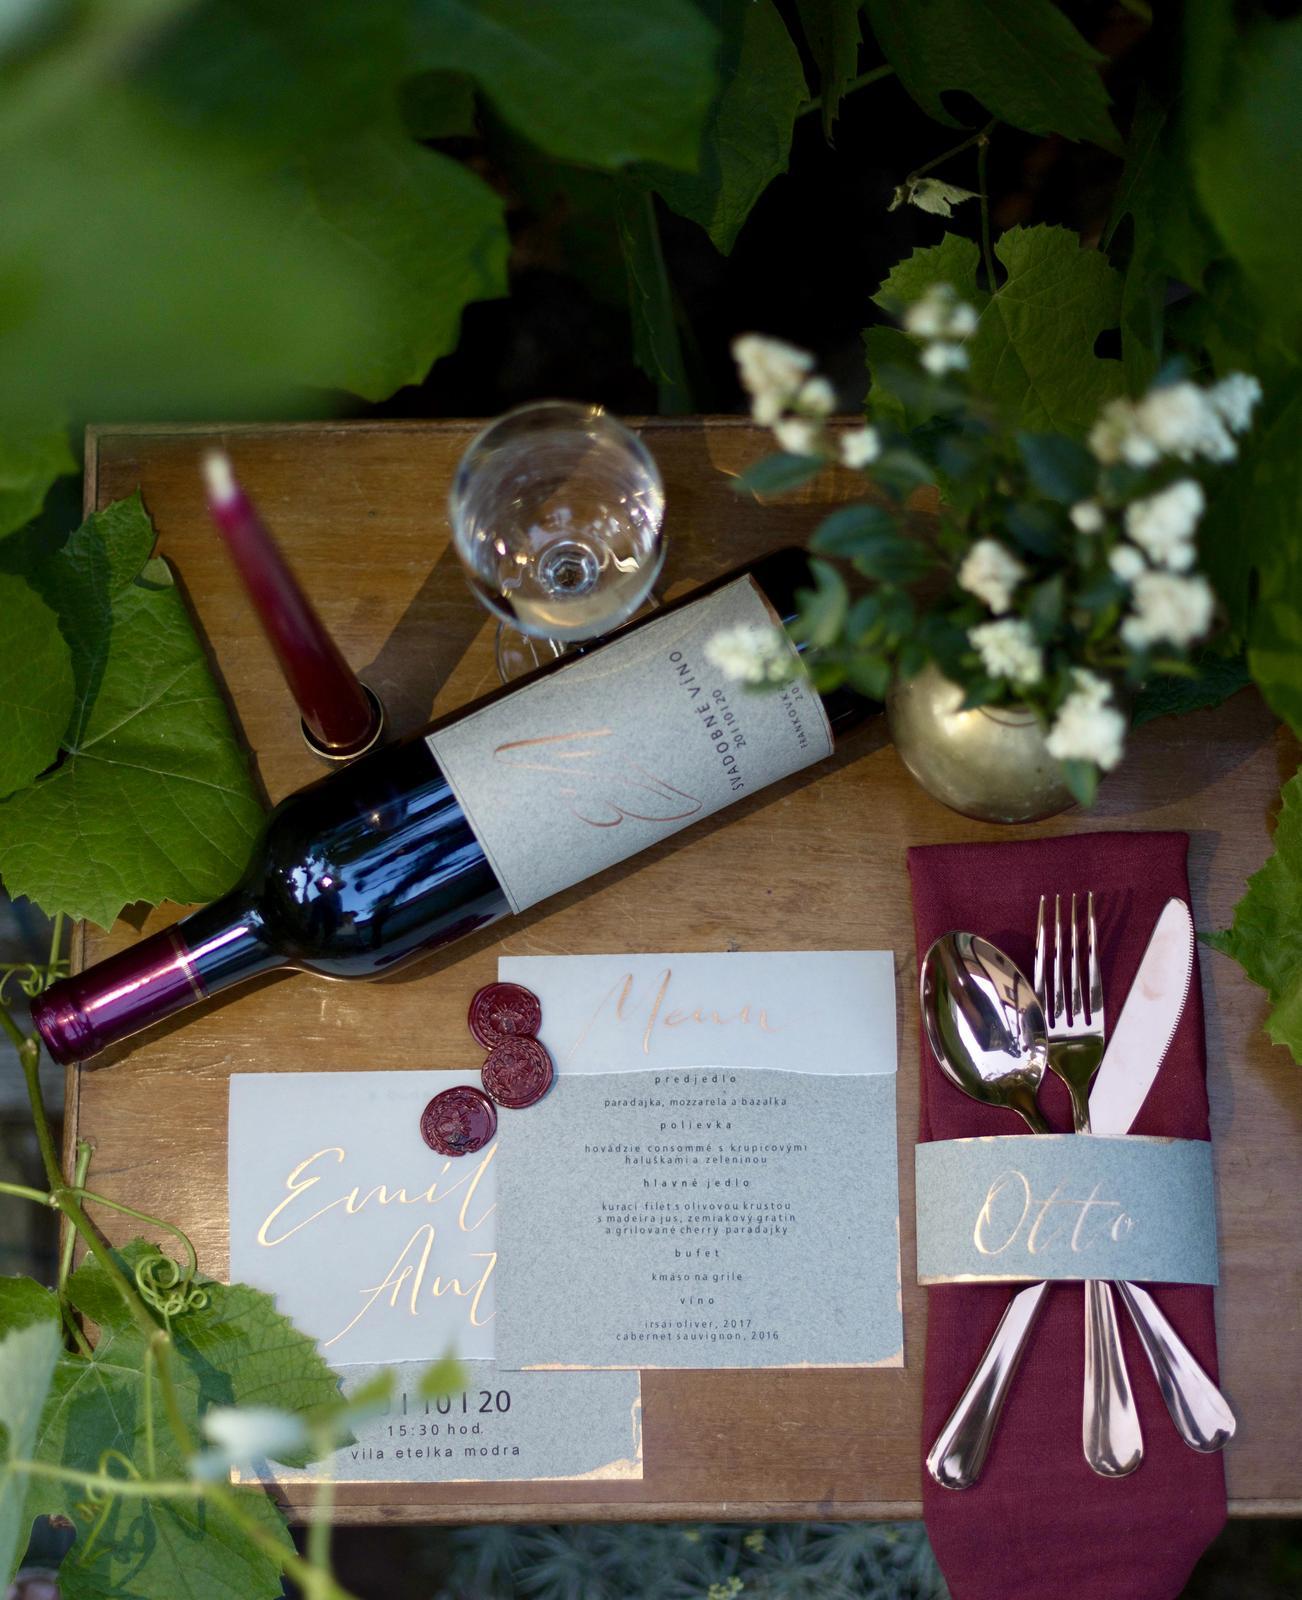 Prenajímame a zabezpečujeme: - Na mieru podľa farebnej škály a témy svadby vyrobíme na mieru všetky tlačoviny (oznámenia, menovky, menu lístky, číslovanie stolov, etikety na fľaše...)